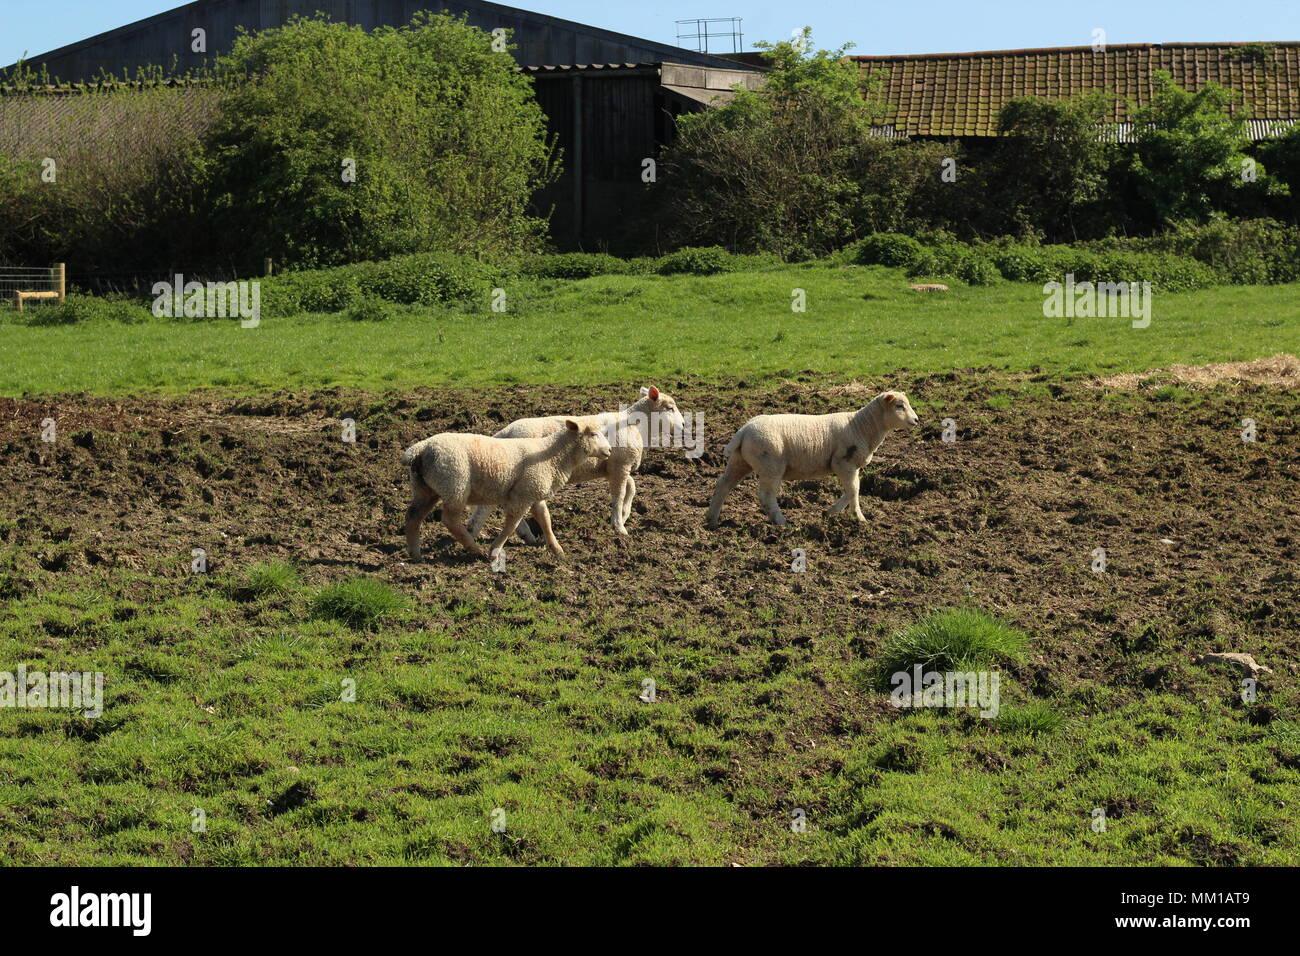 Tres corderos jóvenes caminando a través de tierras de cultivo en Colchester, Essex, Inglaterra. Foto de stock